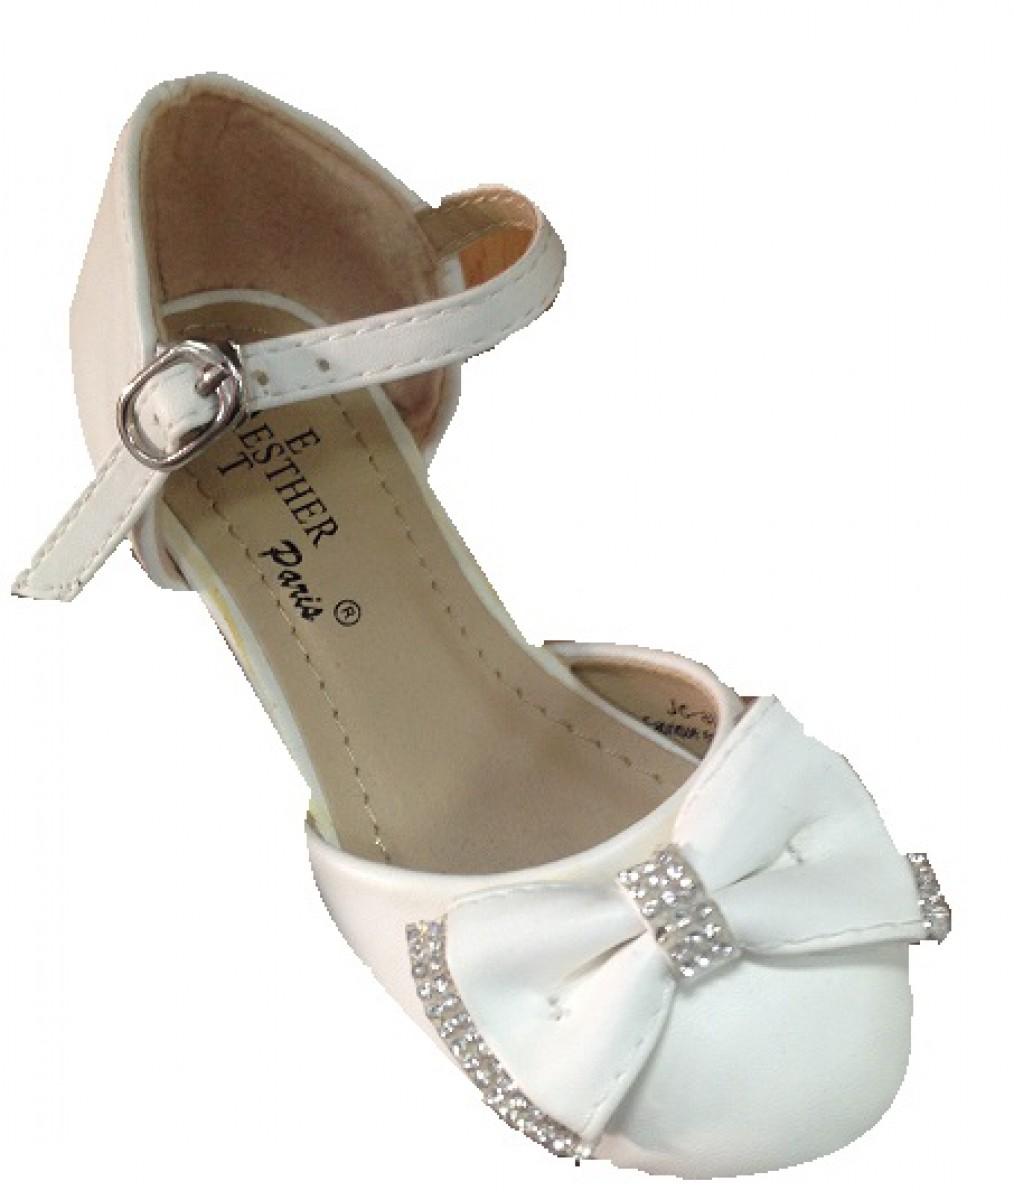 Chaussure : Ce que l'on recommande, ou en tout cas moi, pour ne pas vous tromper dans l'achat online